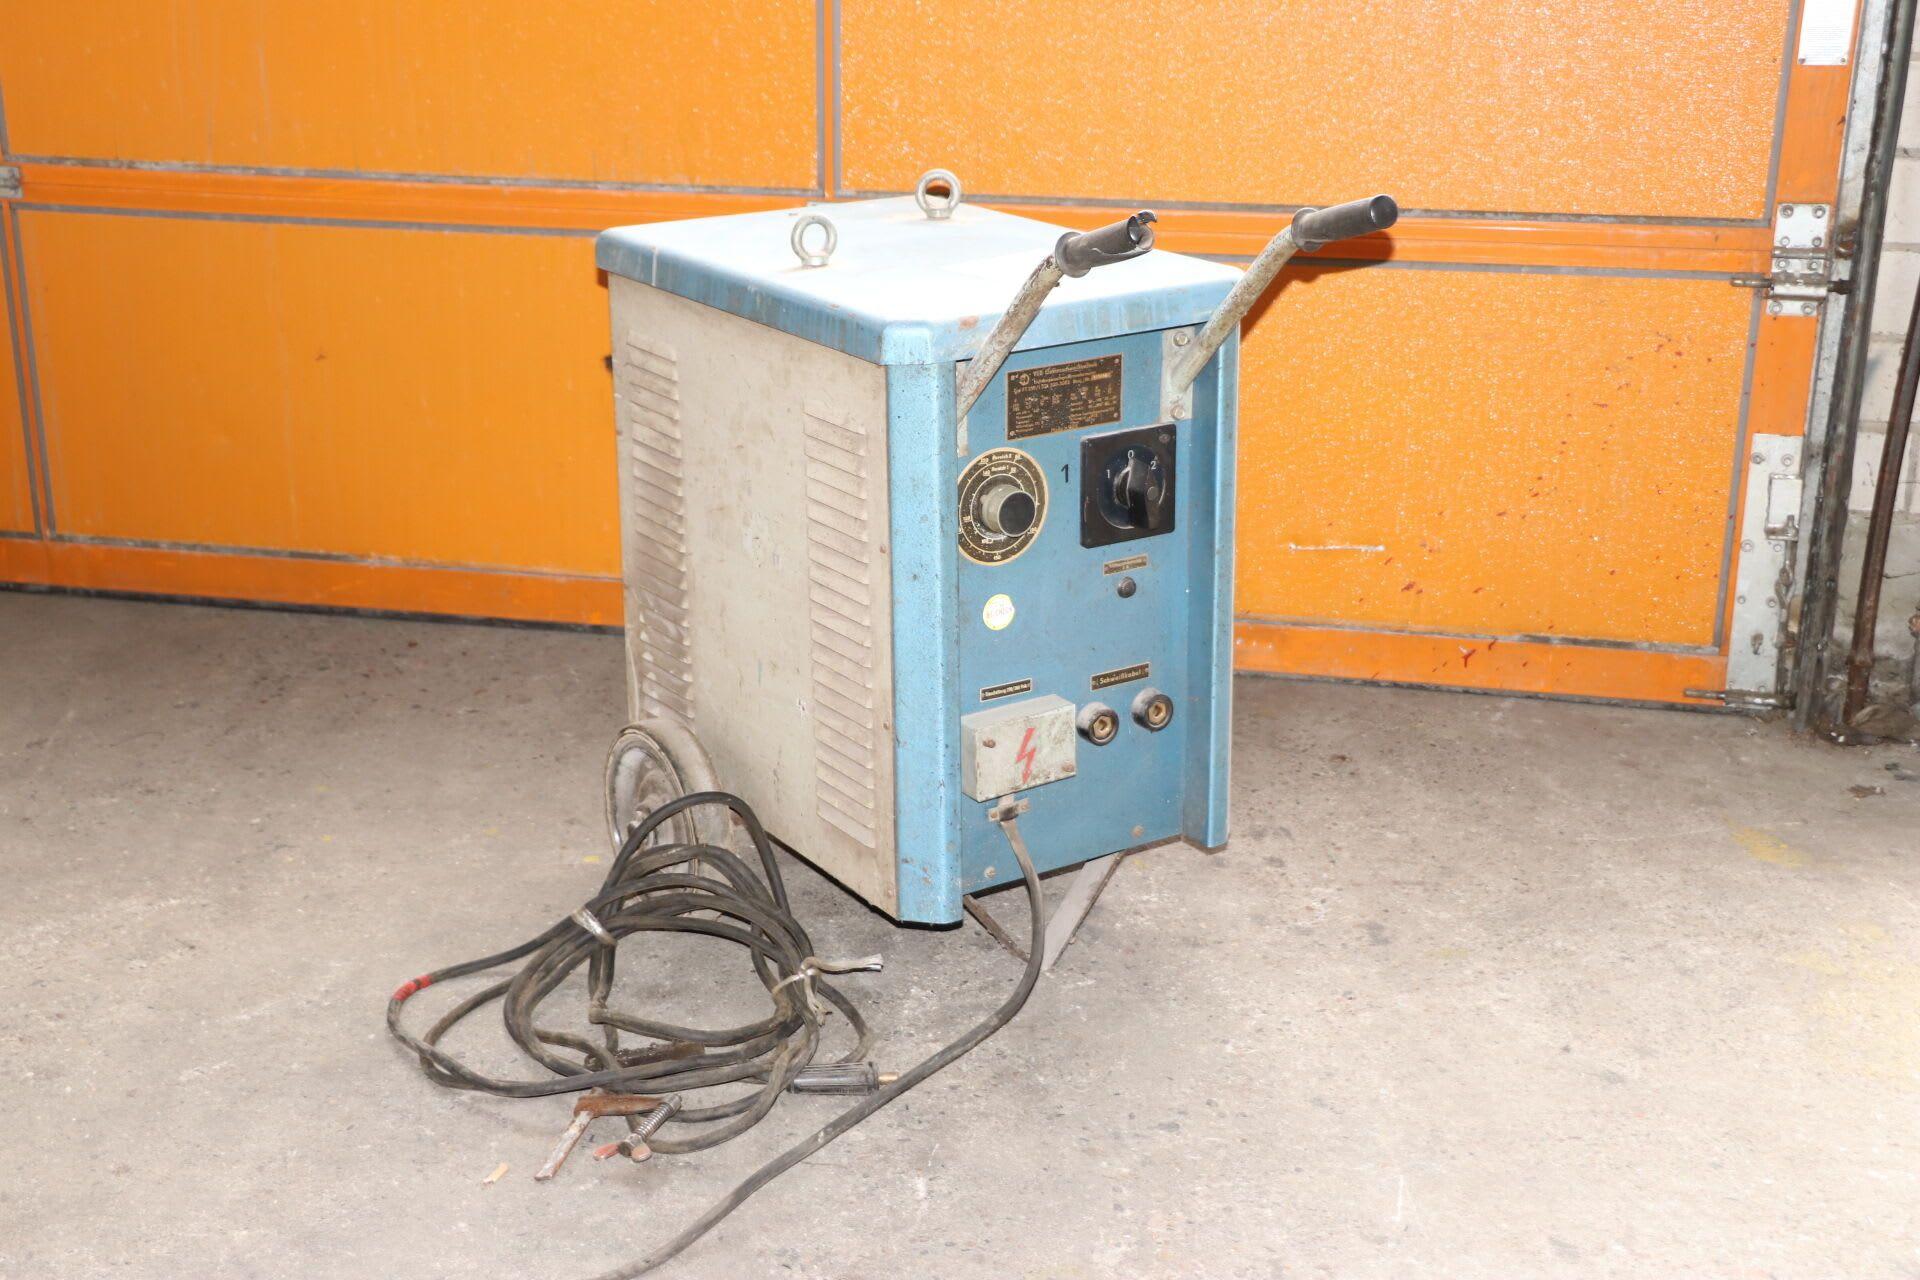 VEB ELEKTROSCHWEIßTECHNIK FT 250/1 Lichtbogenschweißtransformator